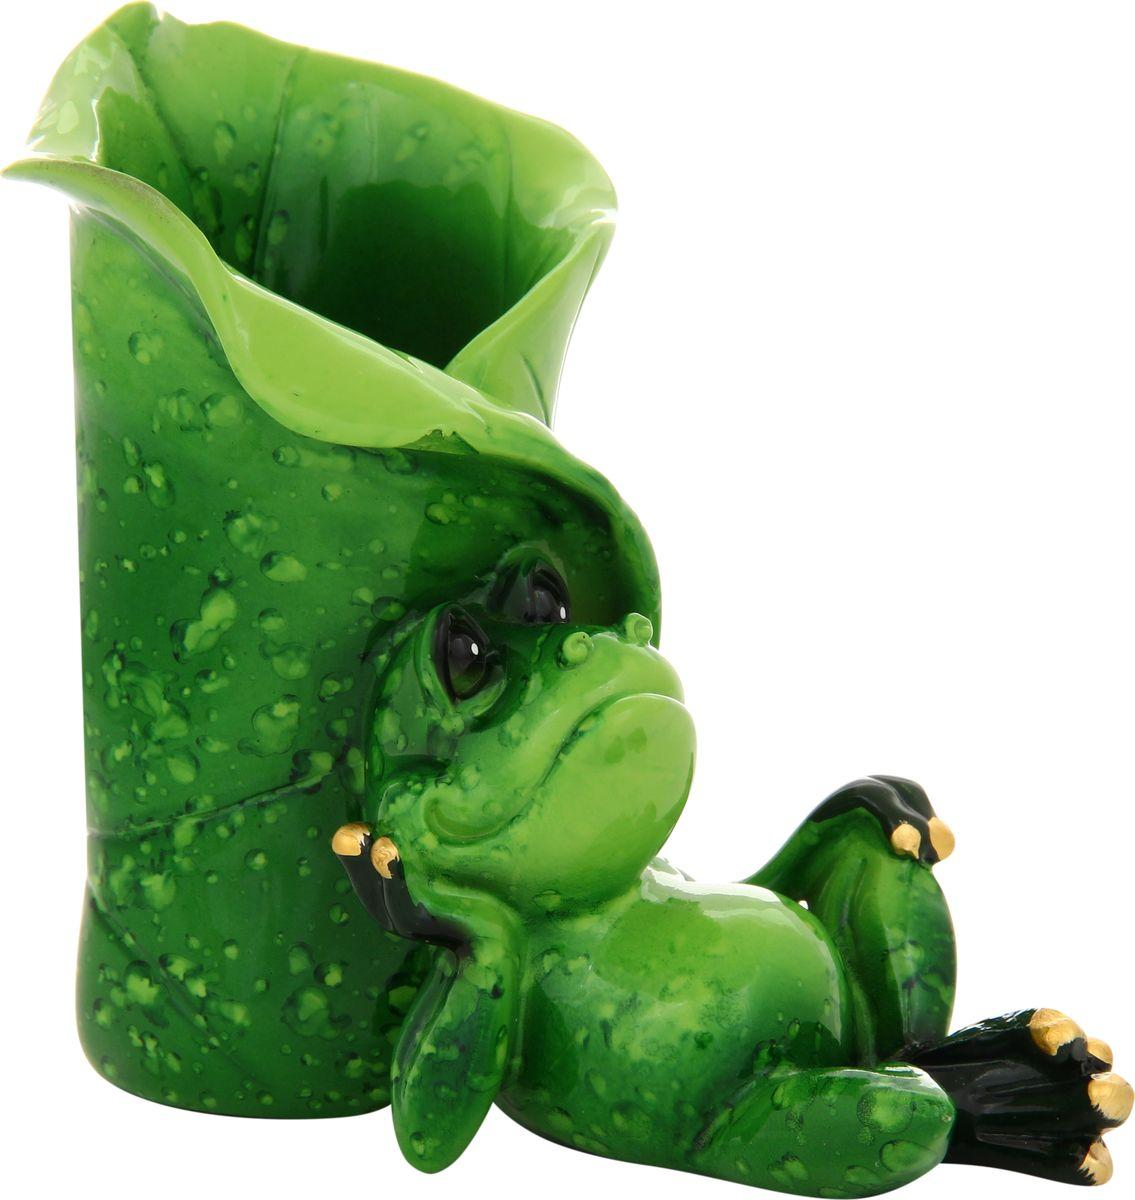 Фигурка декоративная Elan Gallery Лягушка подставка под карандаши, 10 х 10 см870002Декоративные фигурки - это отличный способ разнообразить внутреннее убранство дома, частичка вашей индивидуальности в облике жилища!